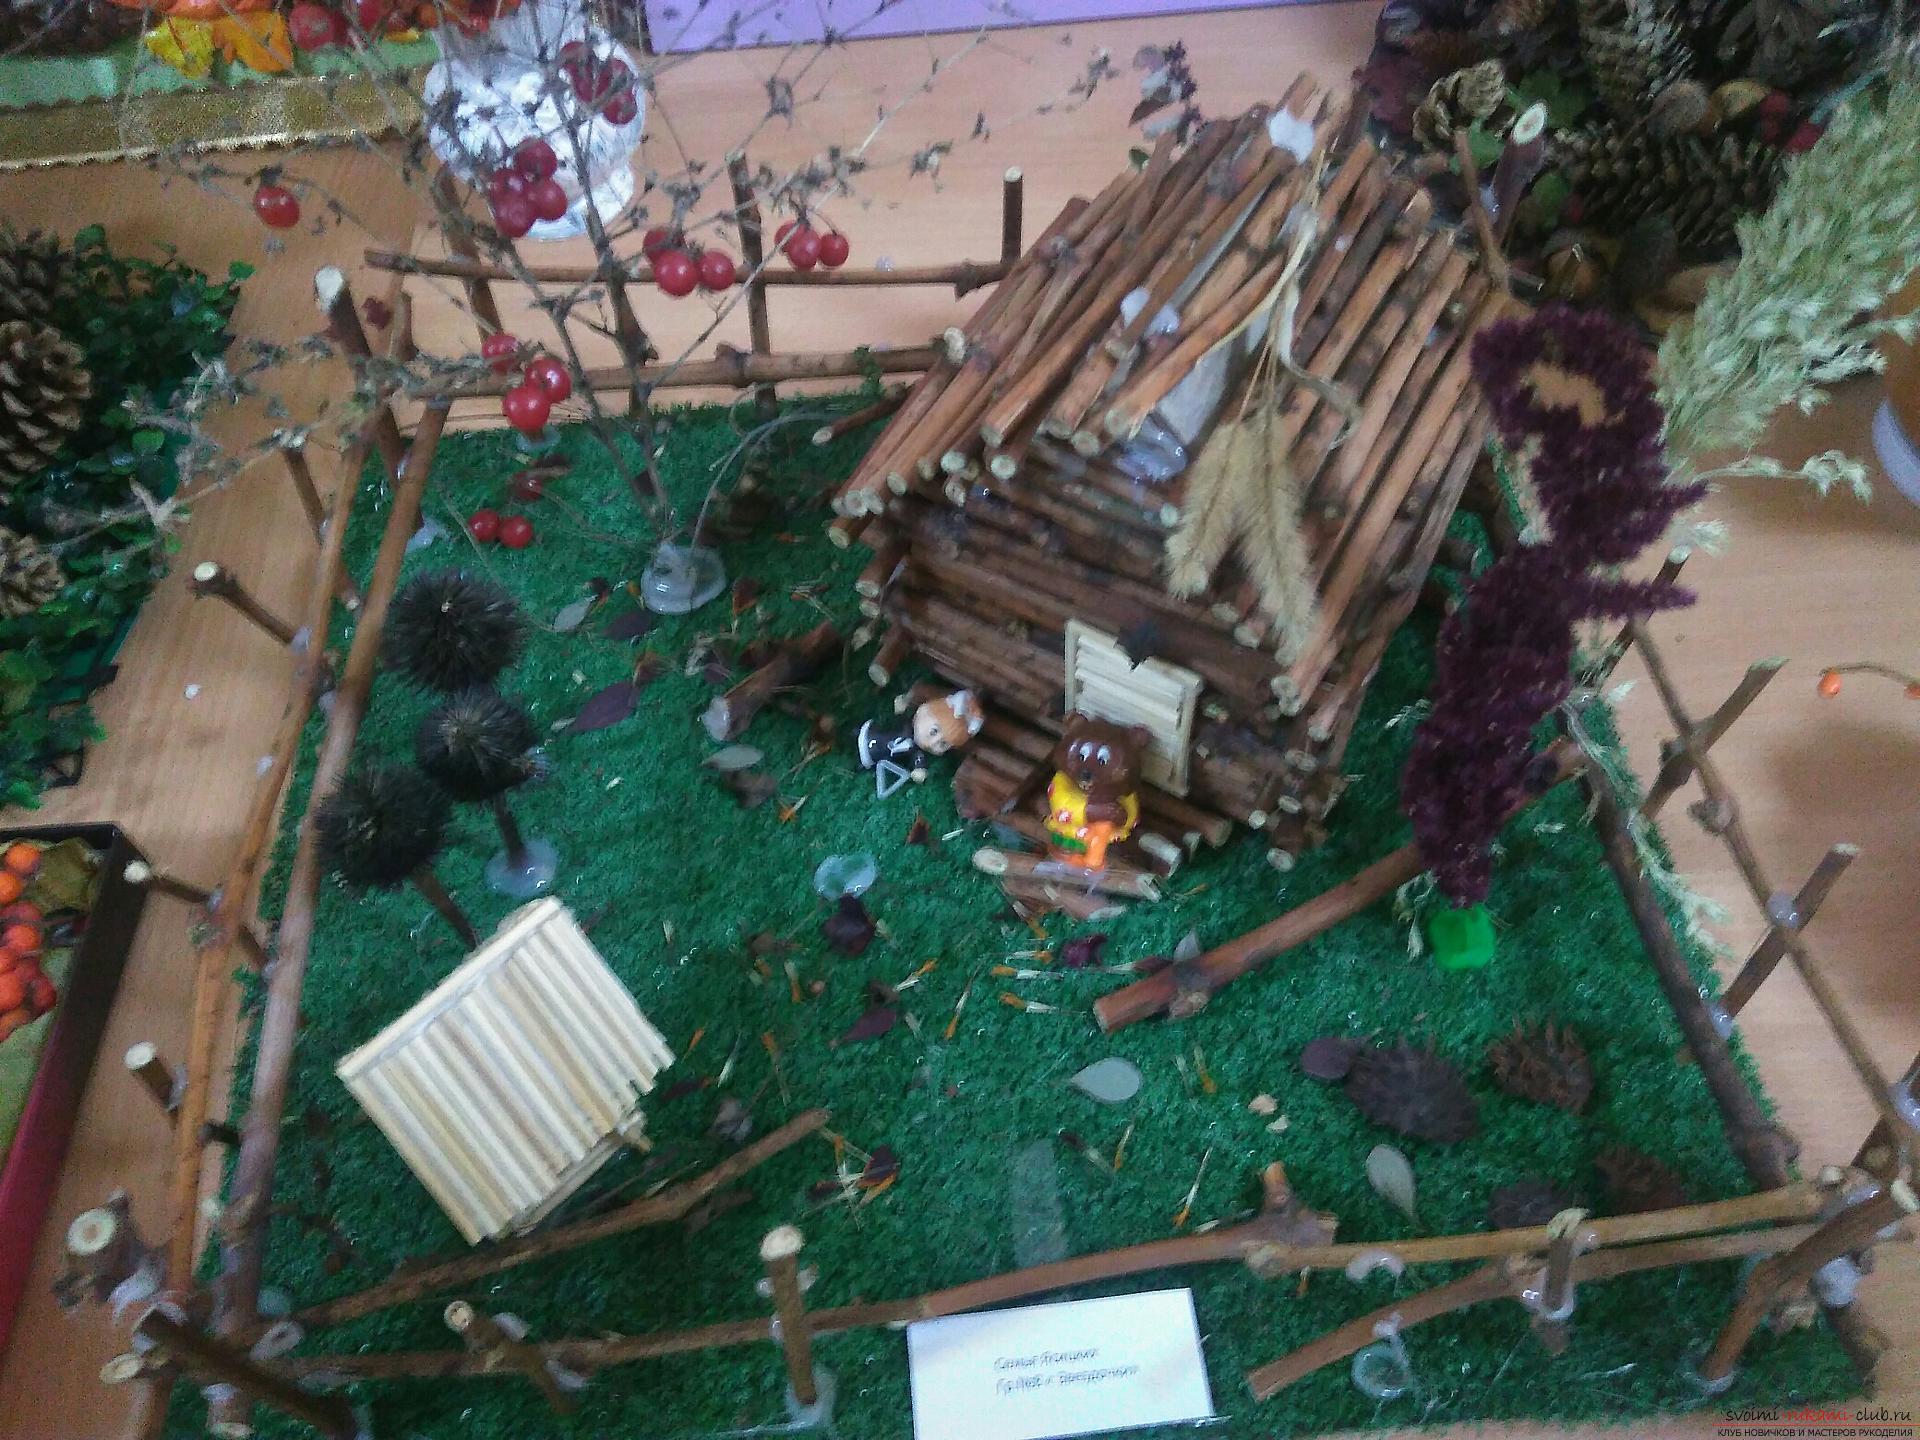 Сказочный дом Бабы Яги из веточек на Конкурс с Леонардо, поделки из дерева своими руками